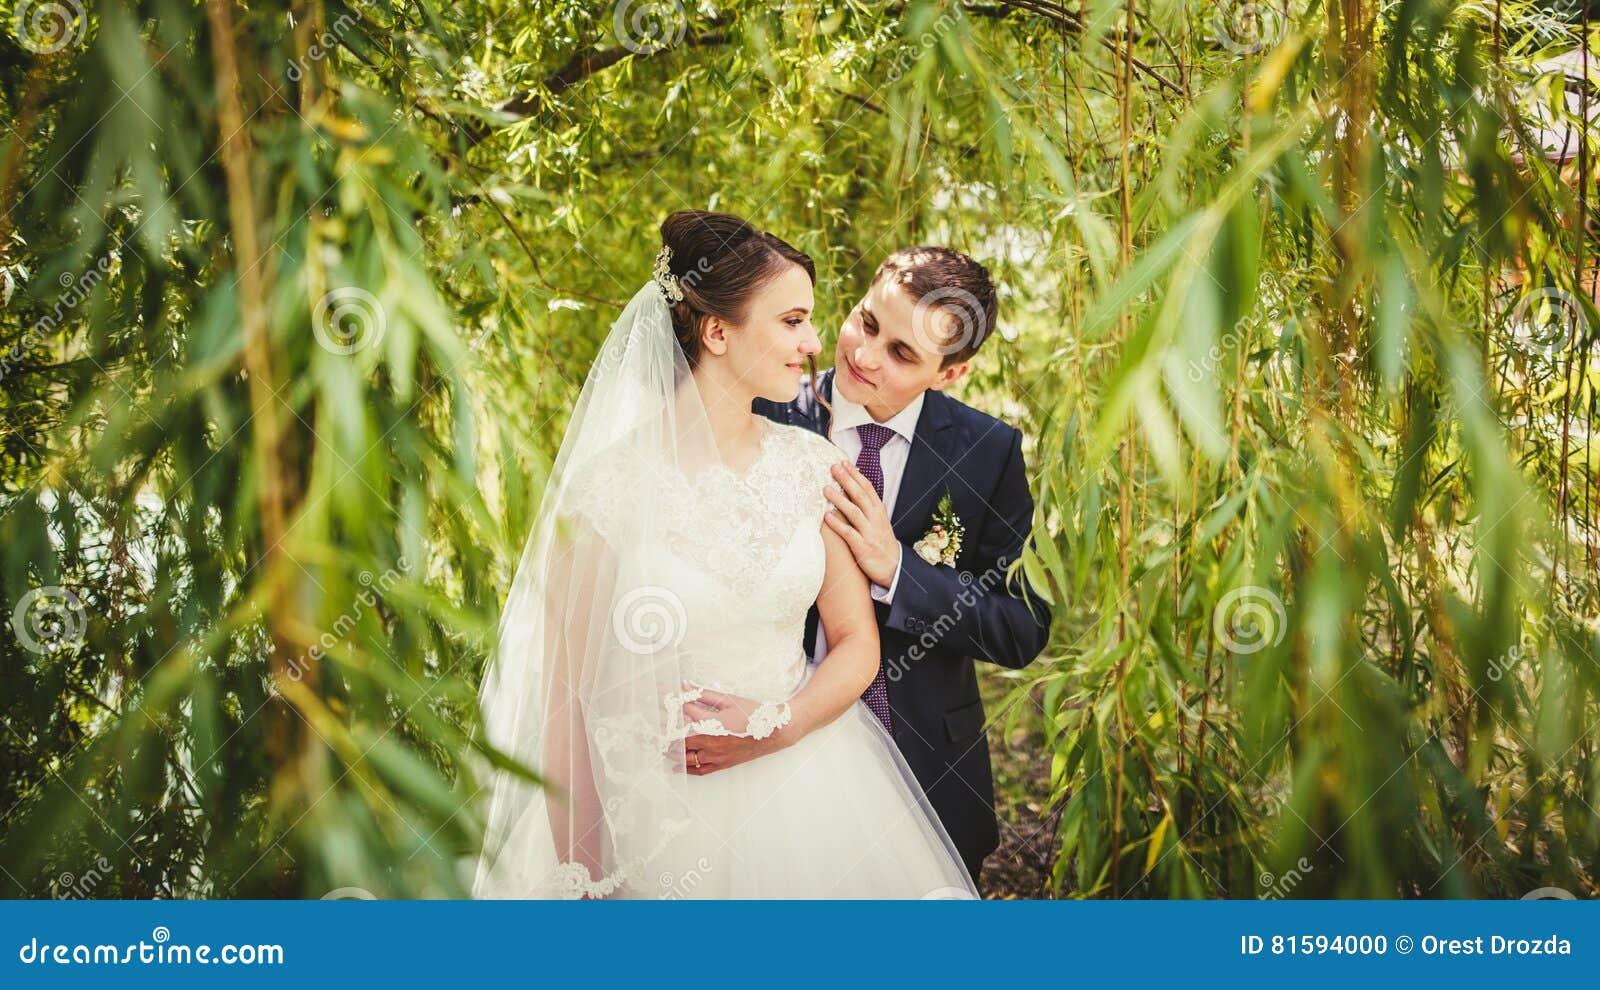 Mariée et marié posant ensemble